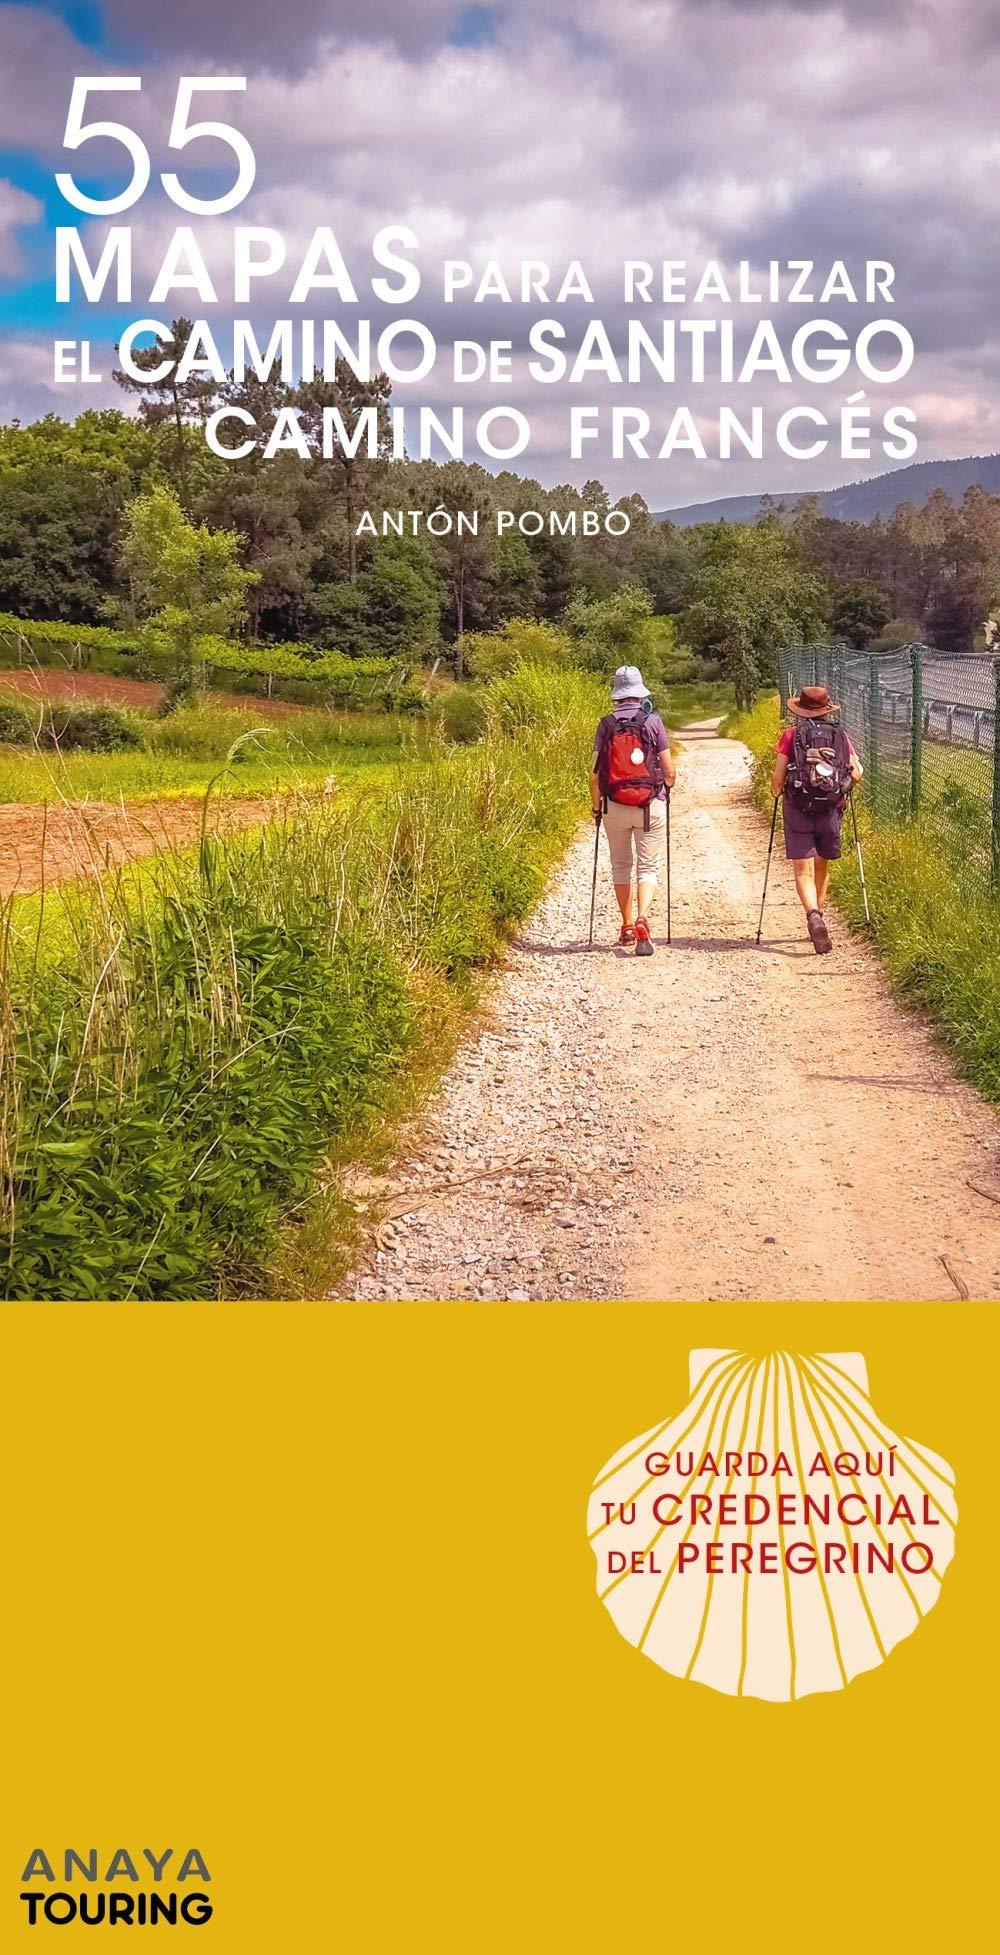 55 Mapas para realizar el Camino de Santiago. Camino Francés desplegables Mapa Touring: Amazon.es: Anaya Touring: Libros